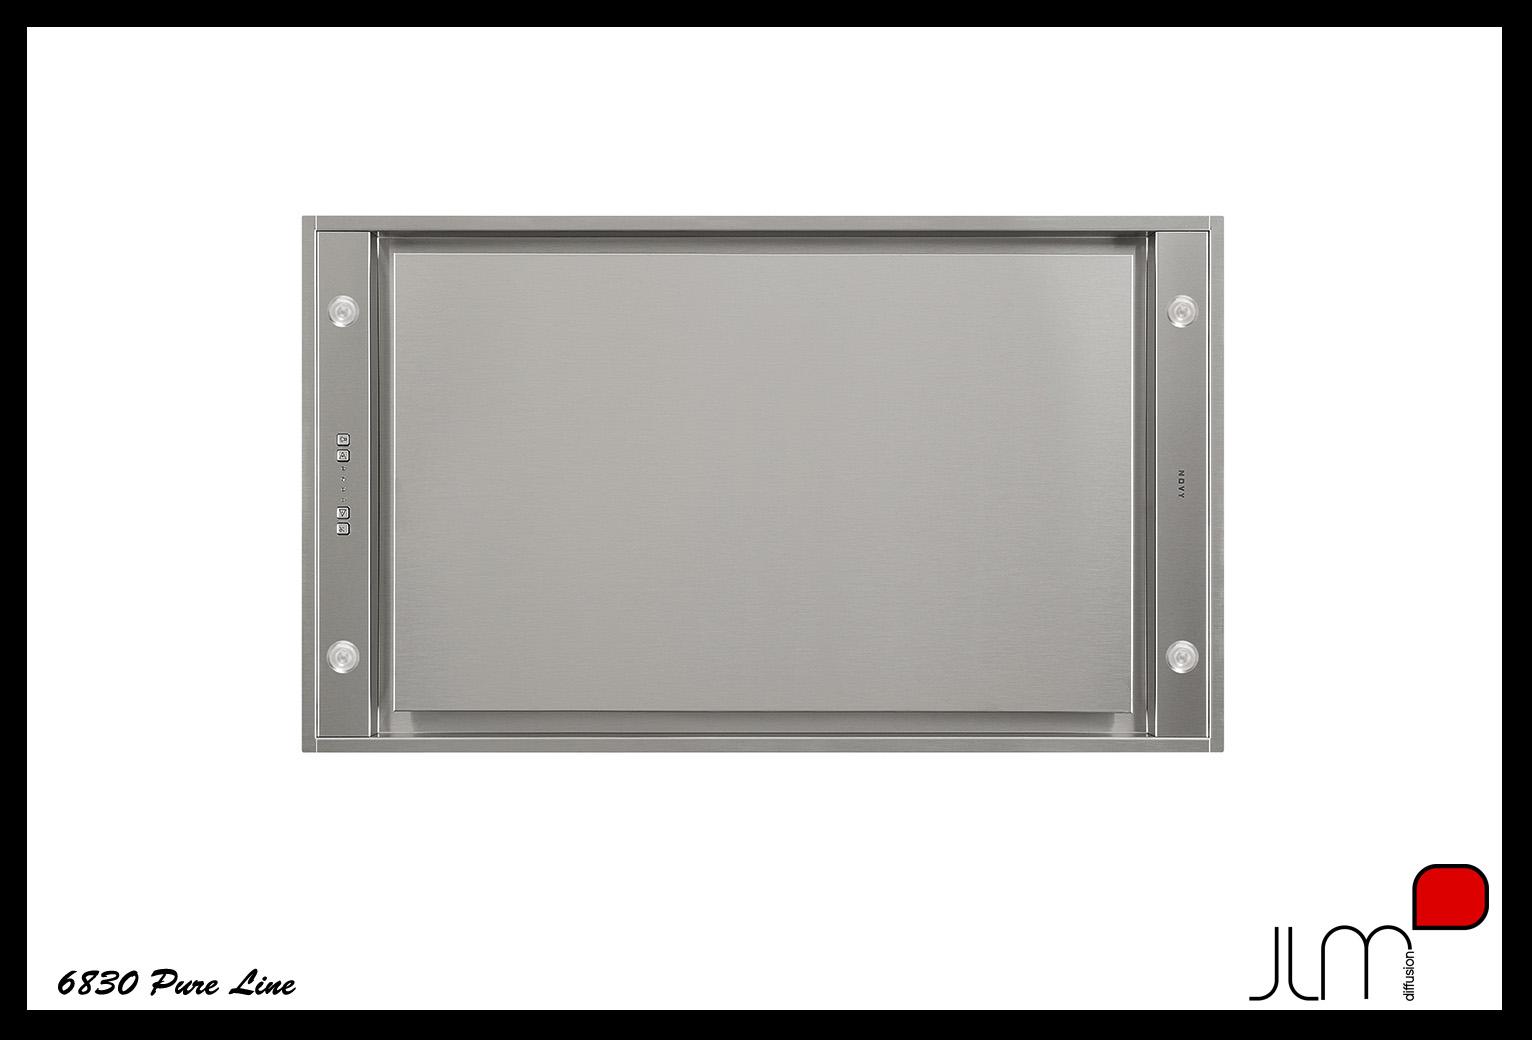 Plafonnier NOVY  90cm avec eclairage NOVY6830-pure-039-line-nouveau-22010.jpg